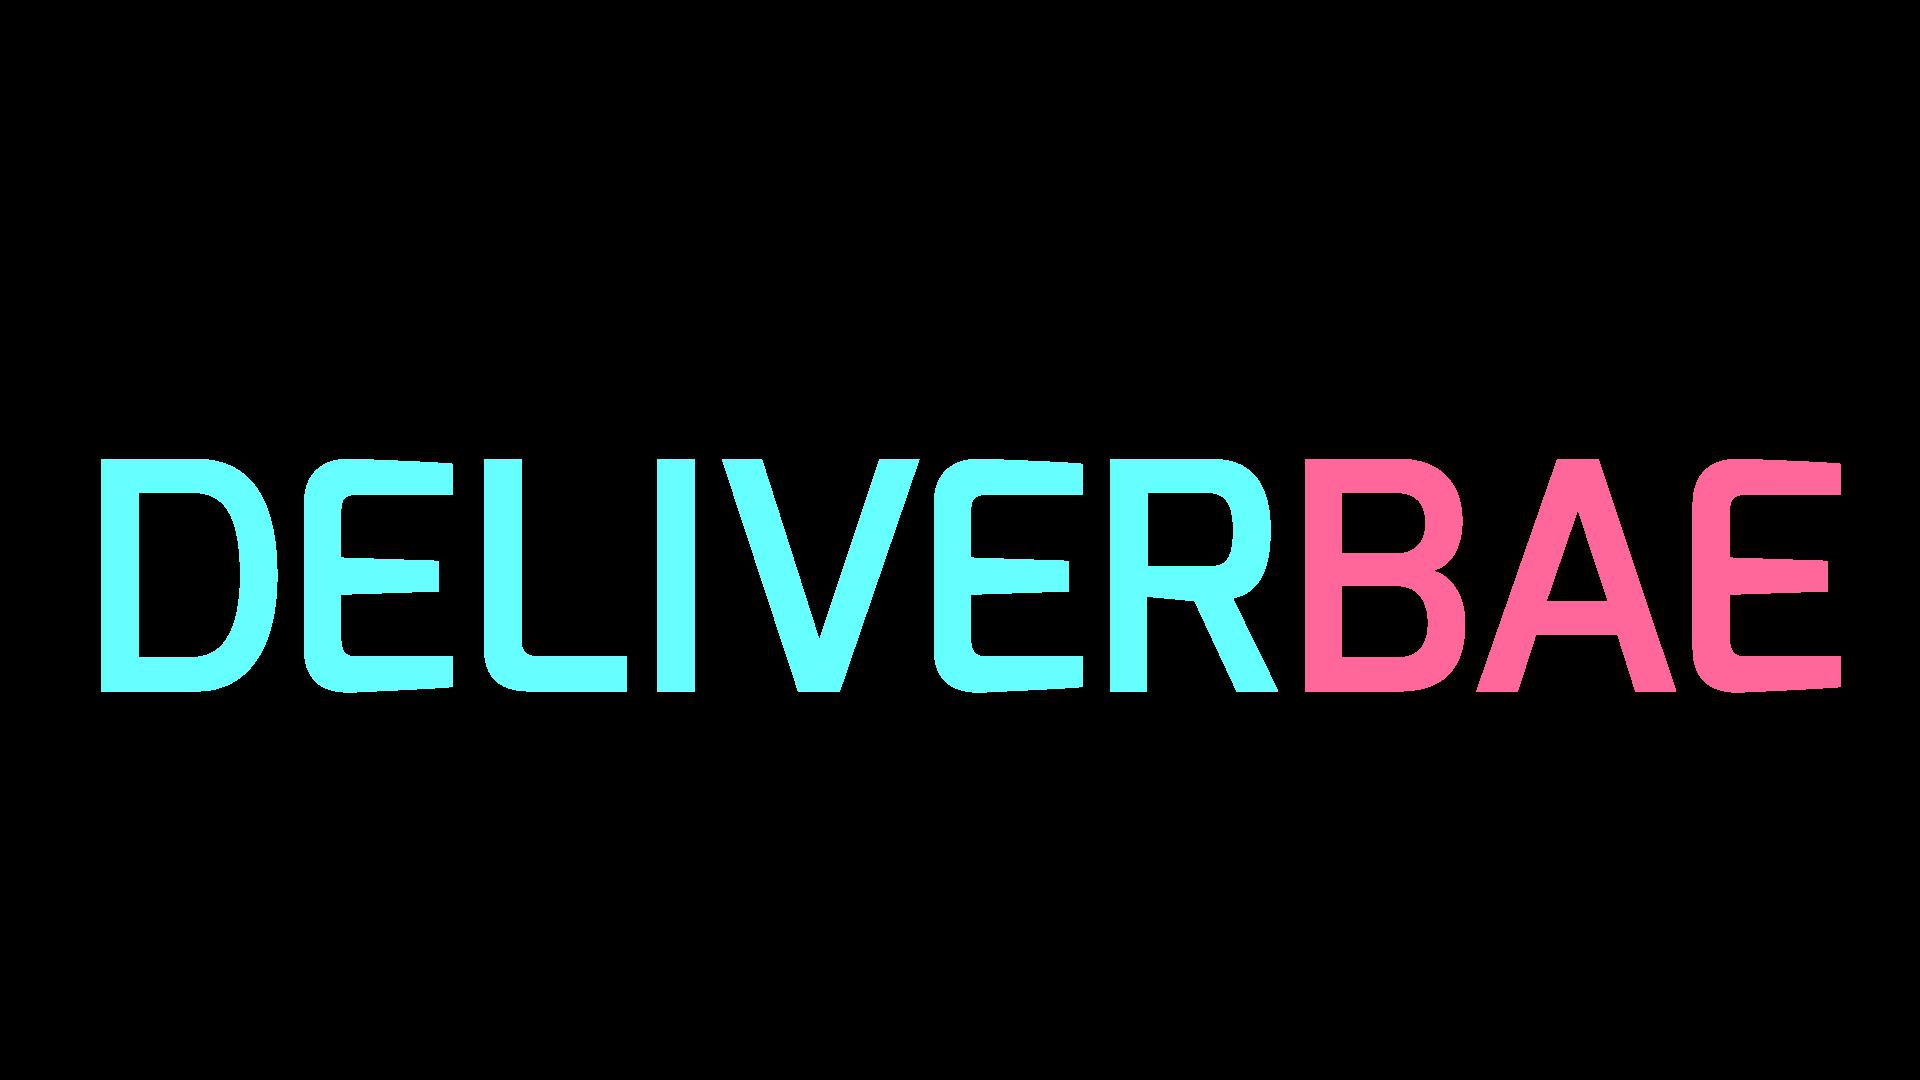 Deliverbae-white